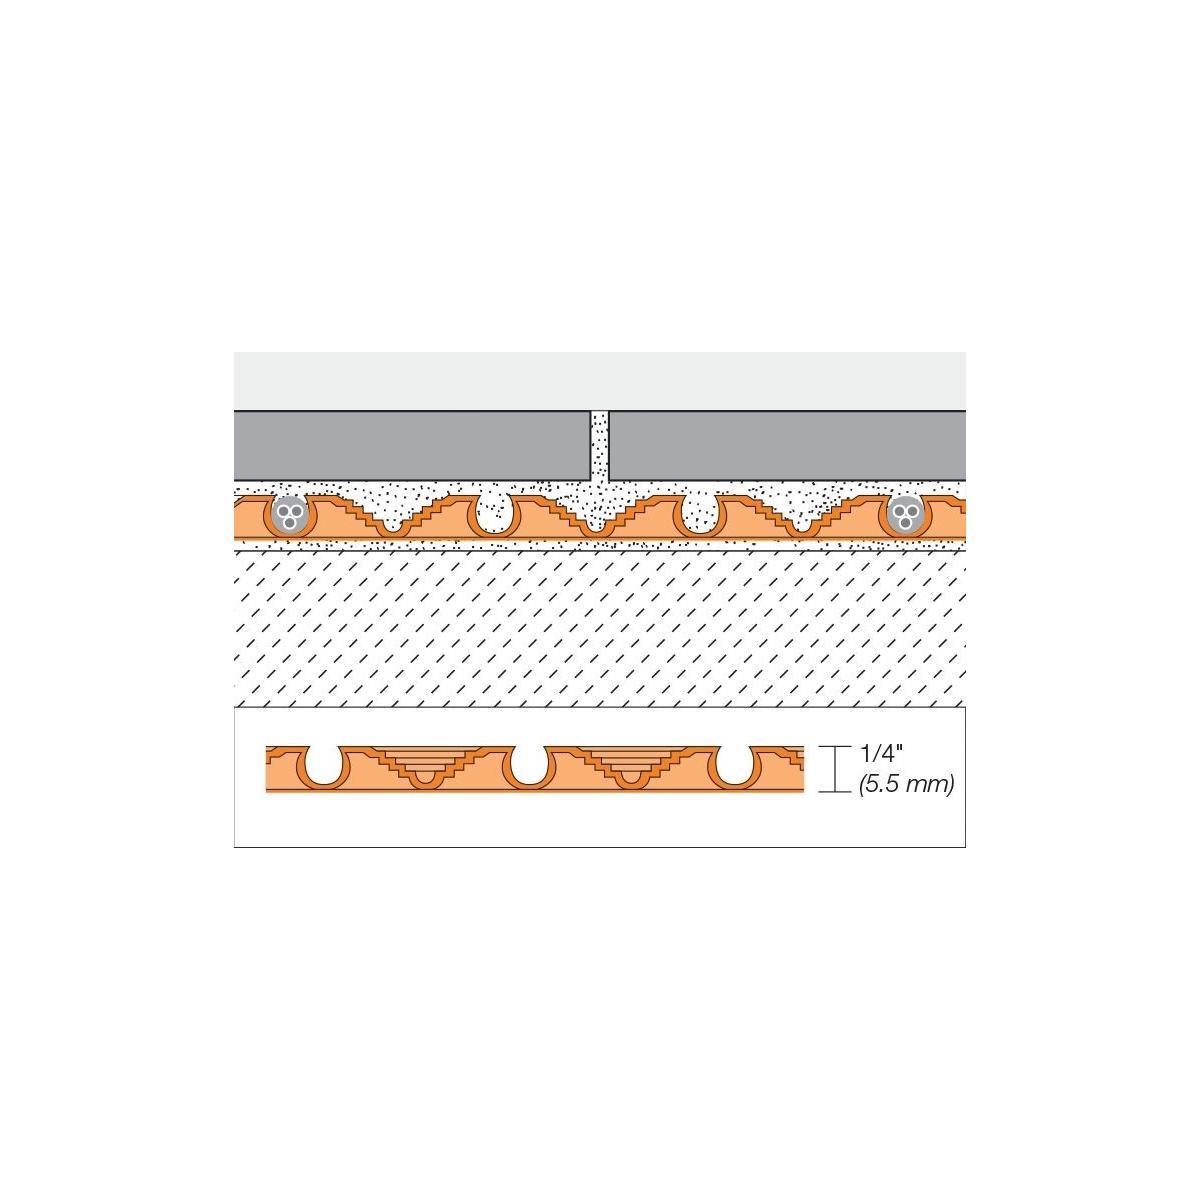 Suelo radiante mediante electricidad y termostato digital regulable y programable, con aislamiento Schüter Systems